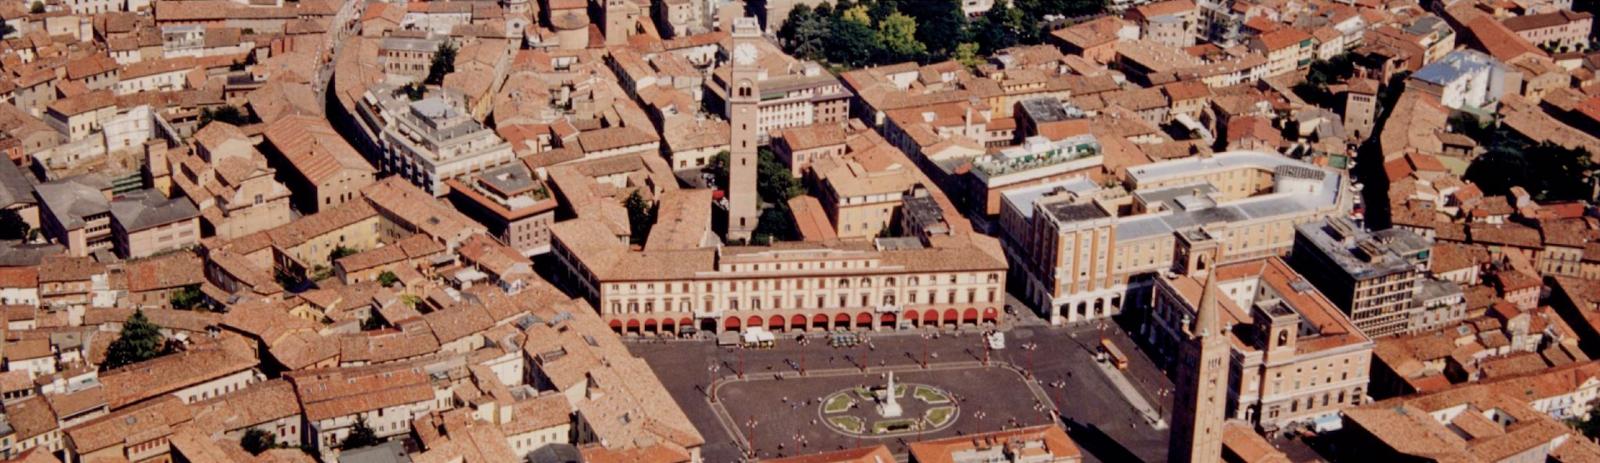 Cinque luoghi da visitare a Forlì